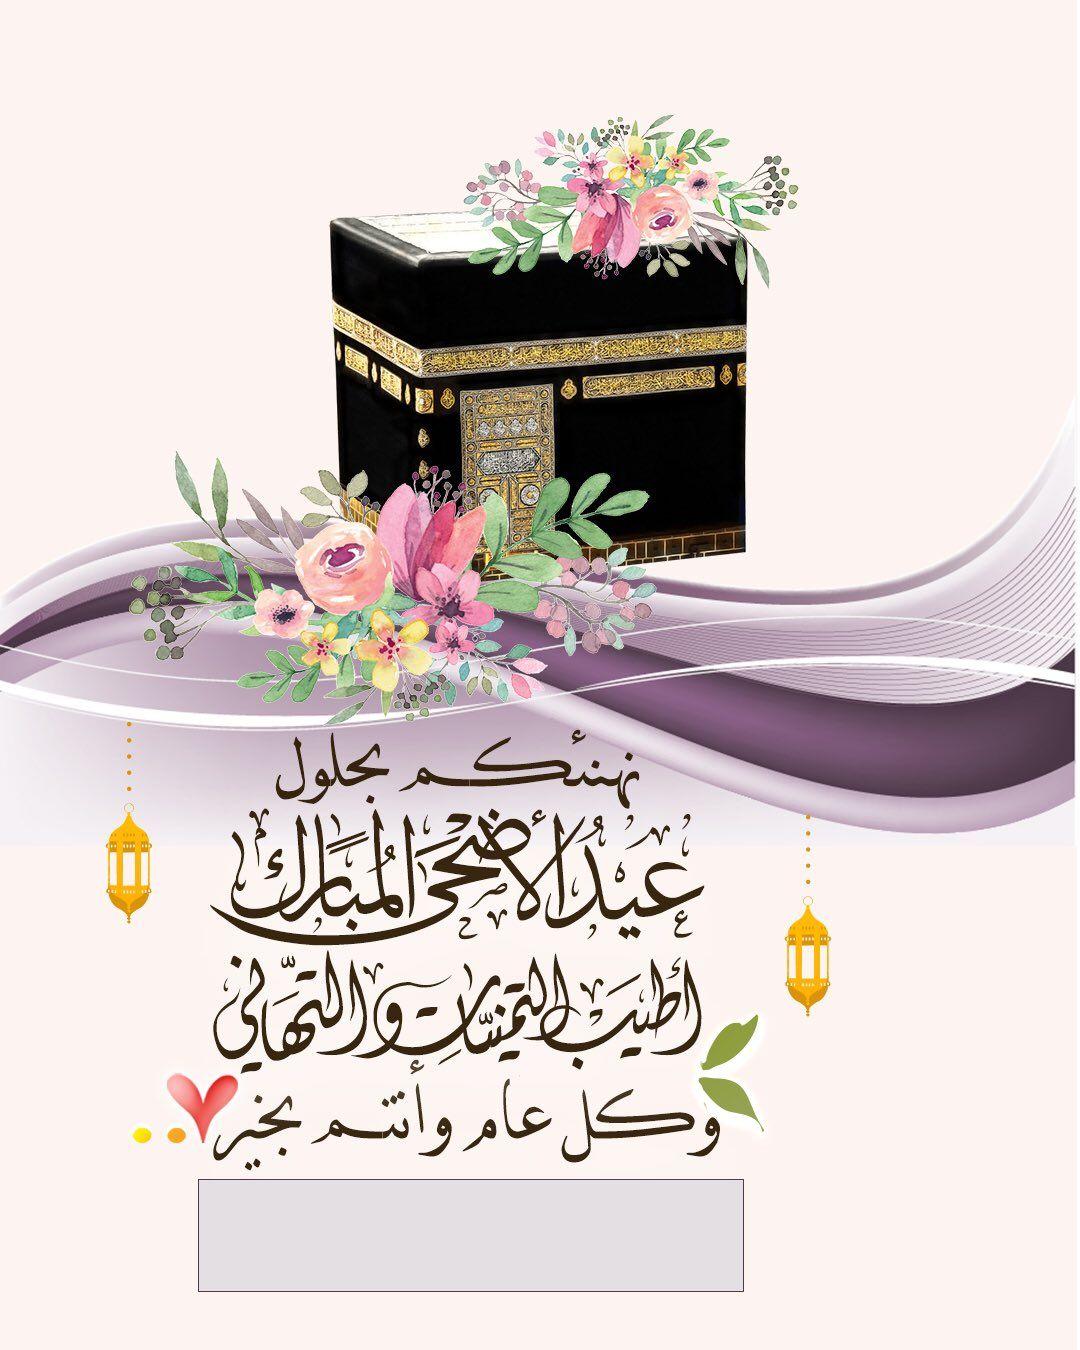 Pin By Hatem Albahrany On Islamic Art Calligraphy Eid Al Adha Greetings Eid Greetings Eid Mubarak Greetings